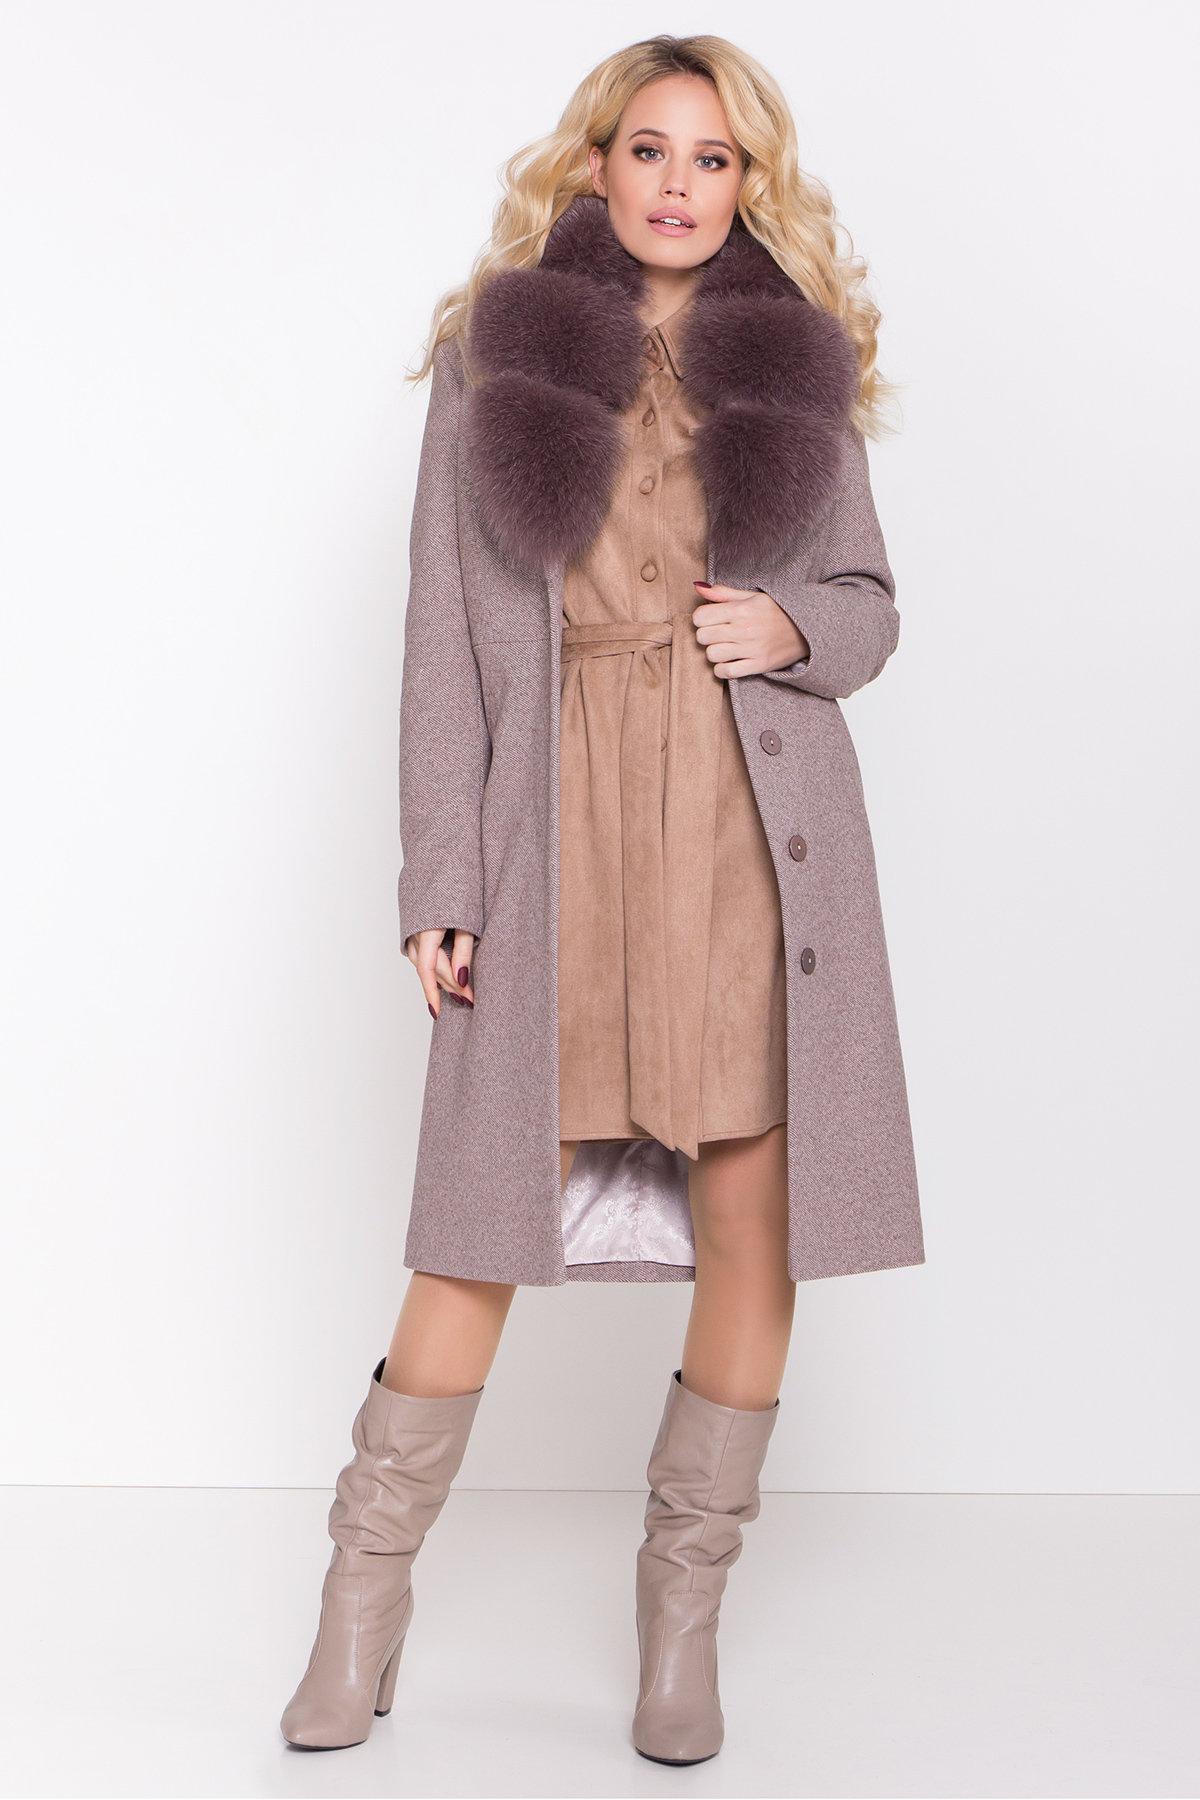 Зимнее пальто с роскошным воротником из песца Камила классик 8489 АРТ. 44779 Цвет: Шоколадный меланж - фото 2, интернет магазин tm-modus.ru